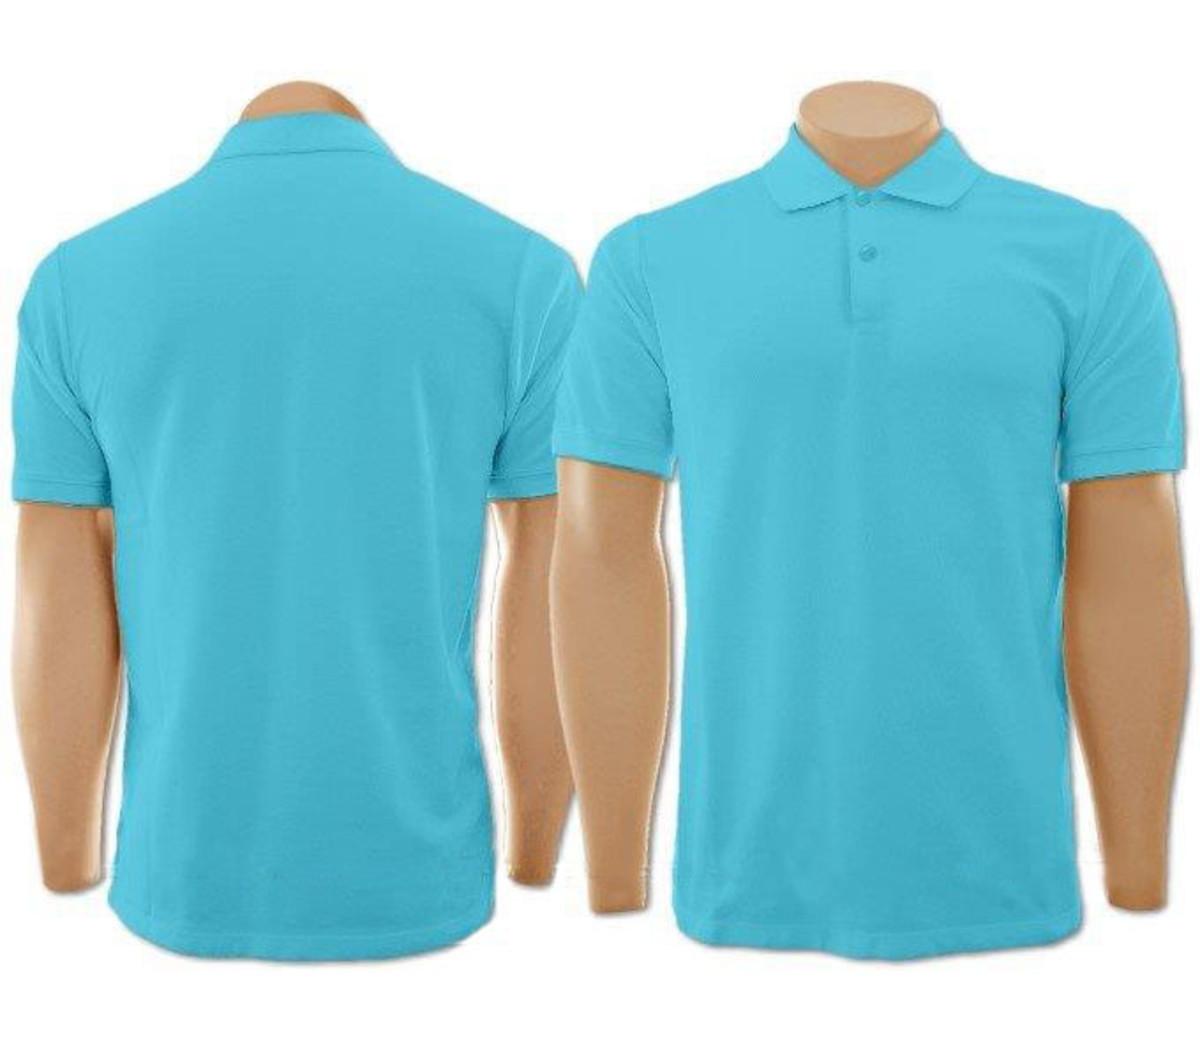 Camiseta Gola Polo Azul Turquesa Masculina no Elo7  425f93338ea61